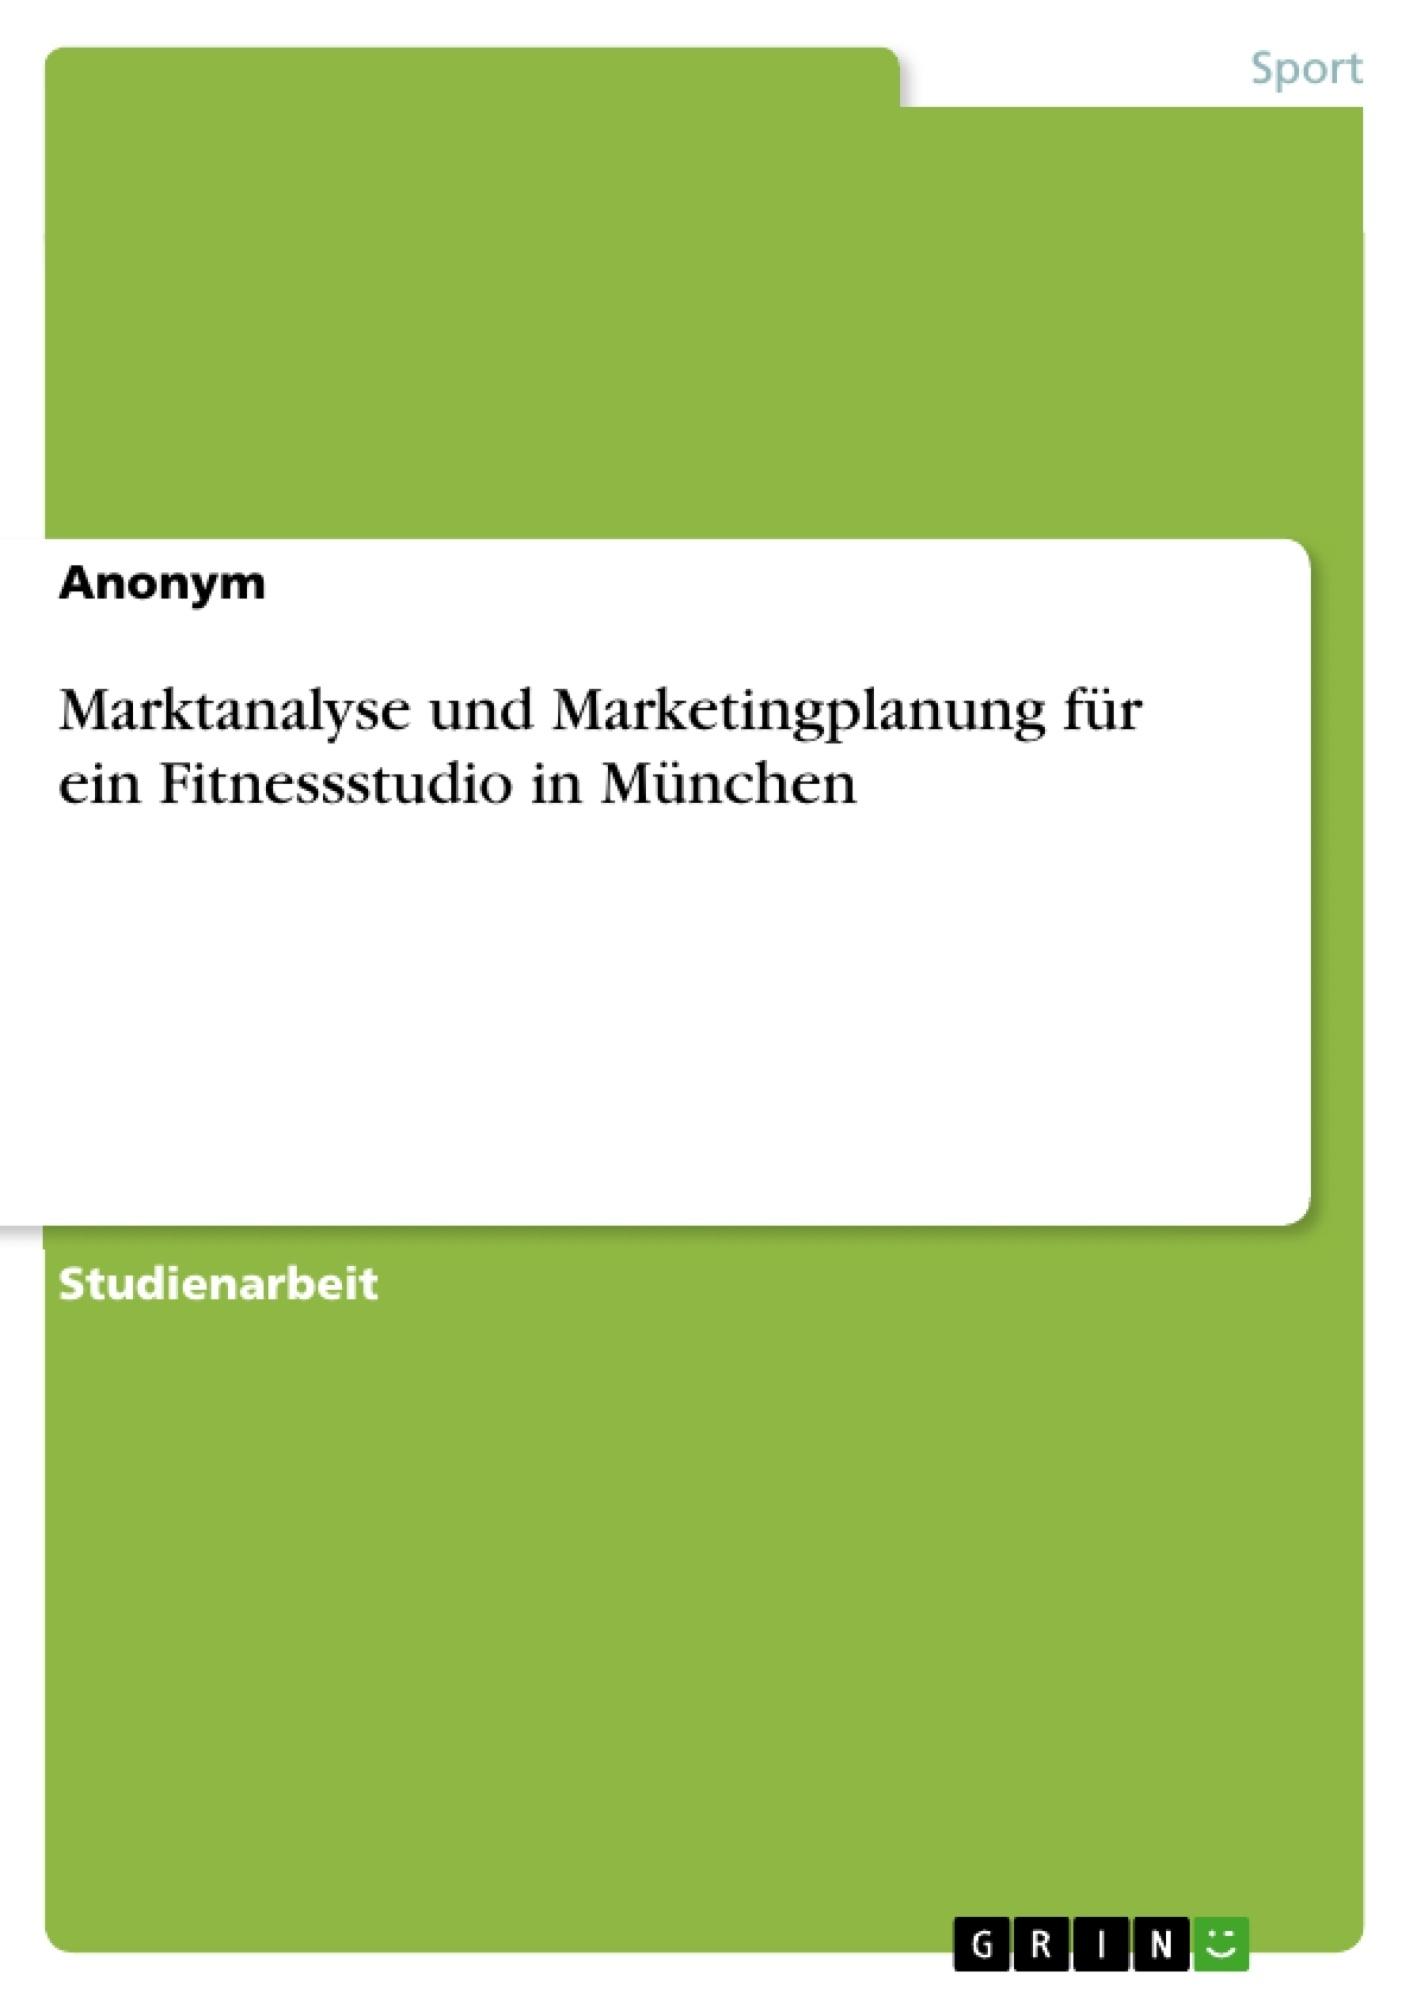 Titel: Marktanalyse und Marketingplanung für ein Fitnessstudio in München